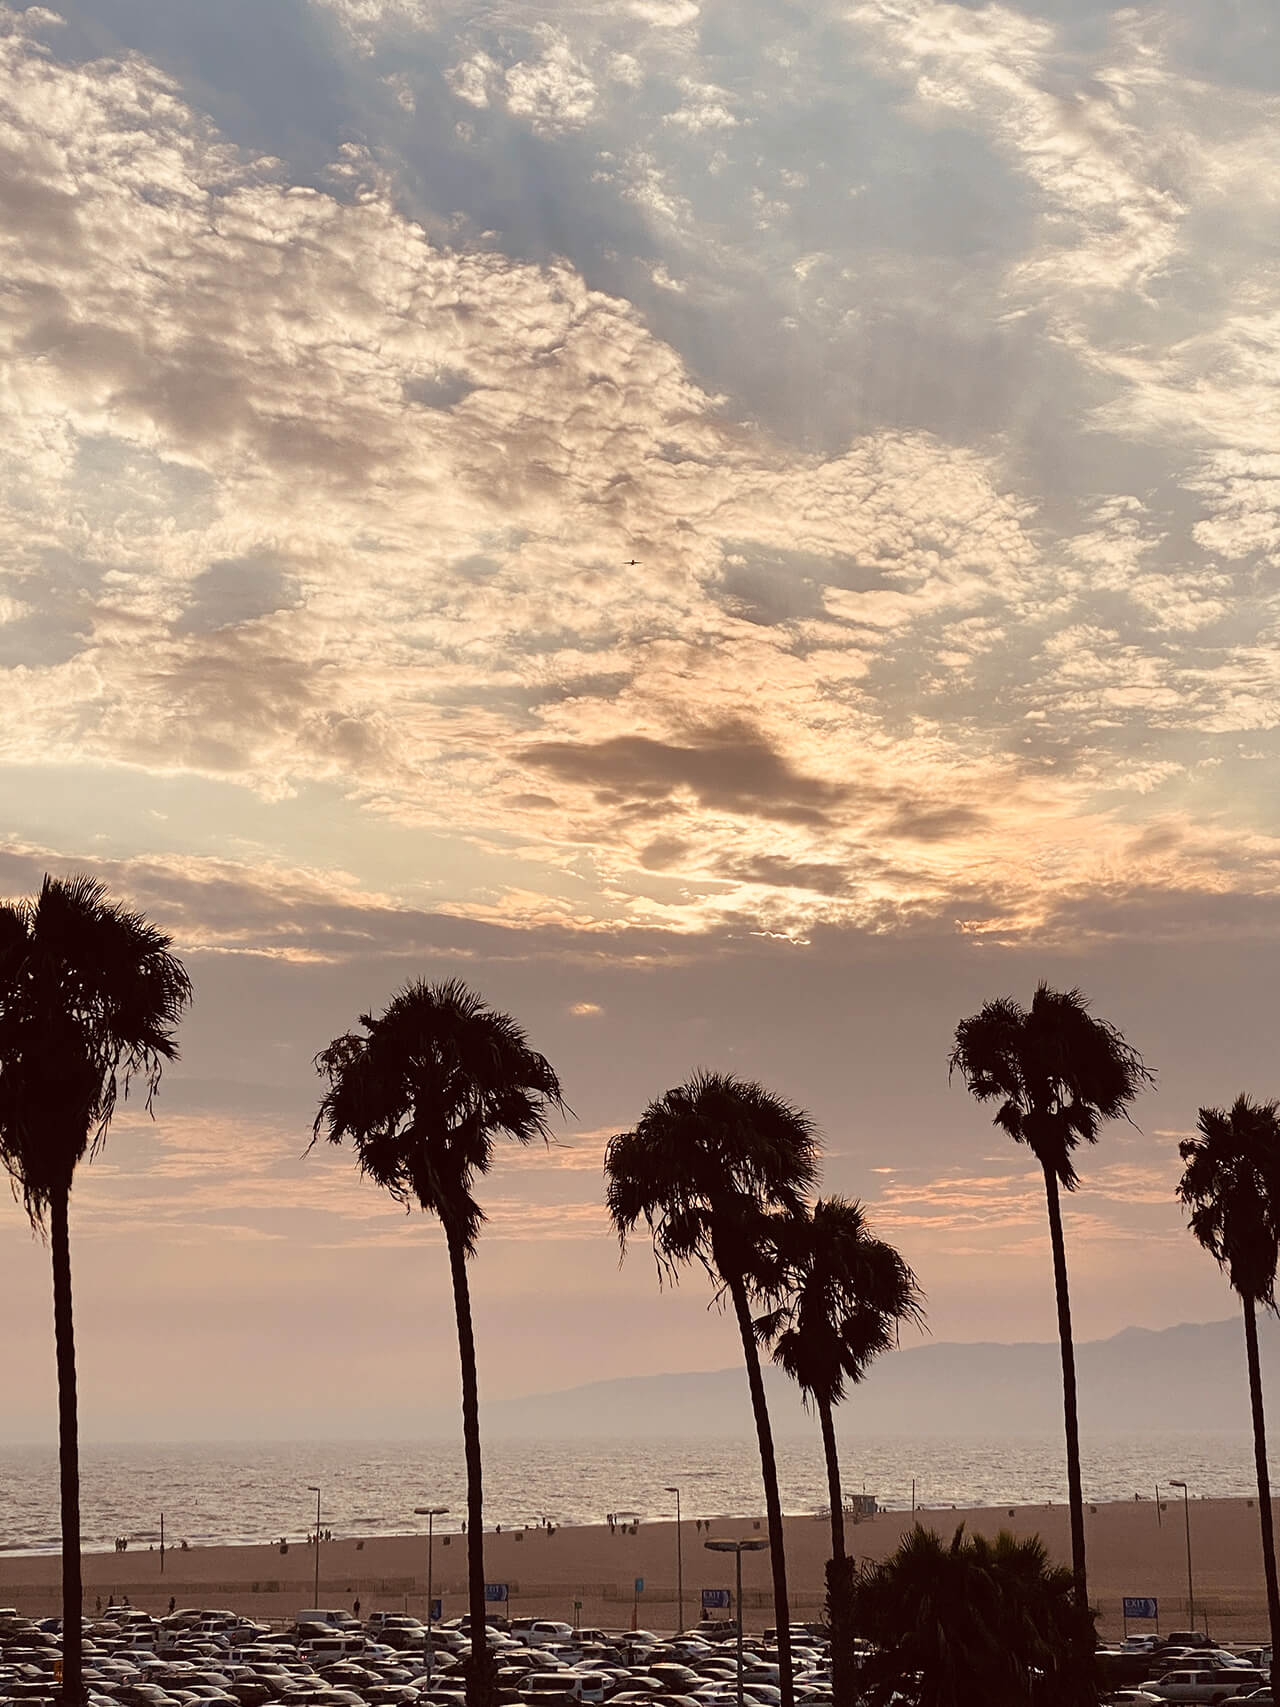 ピース綾部祐二のサンフランシスコ〜LAバイク旅を追う interview2110-yuji-ayabe-LA-10